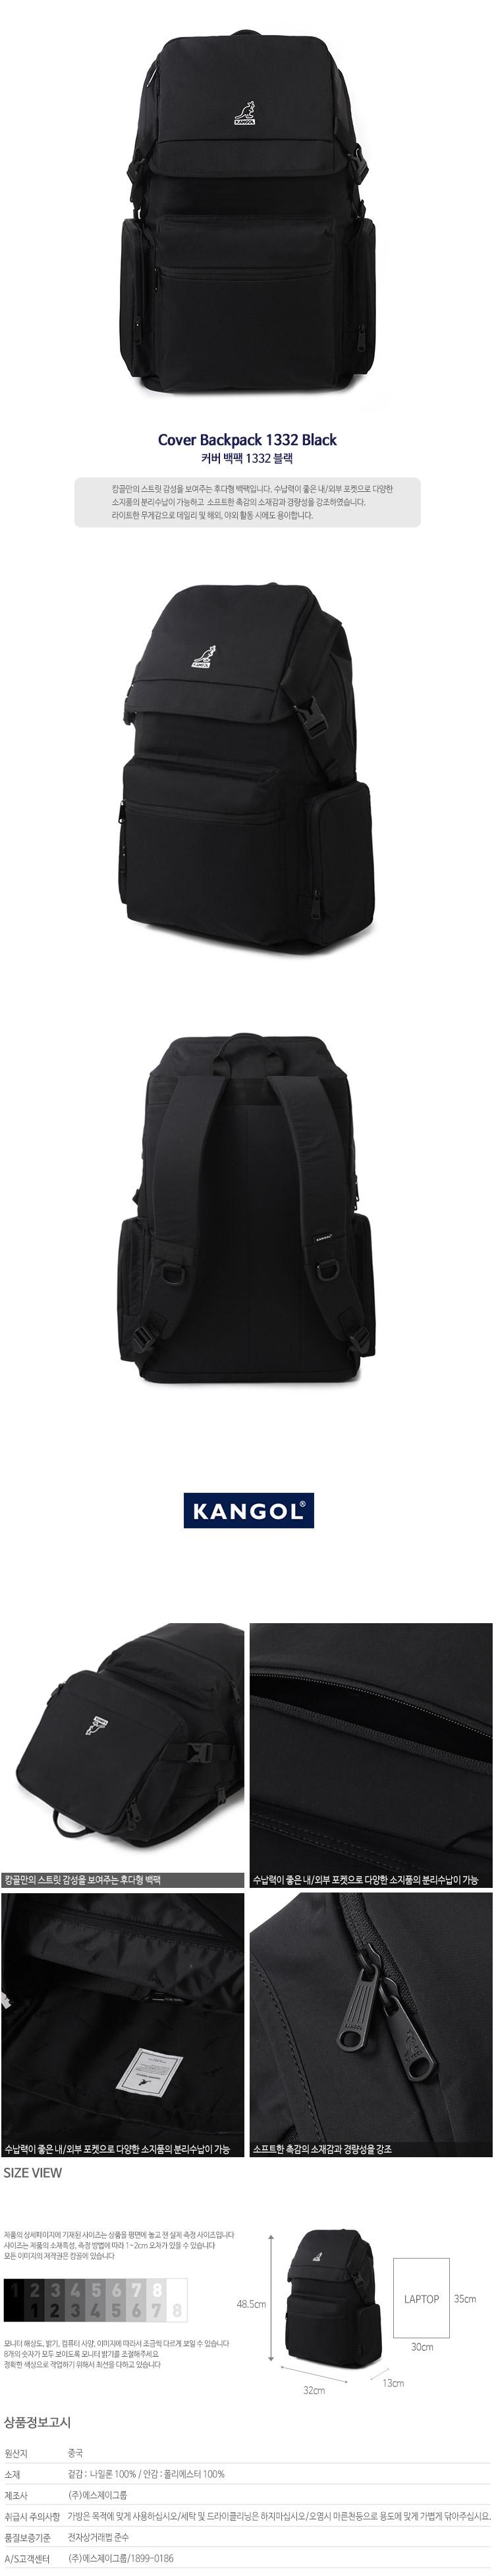 캉골(KANGOL) Cover Backpack 1332 BLACK